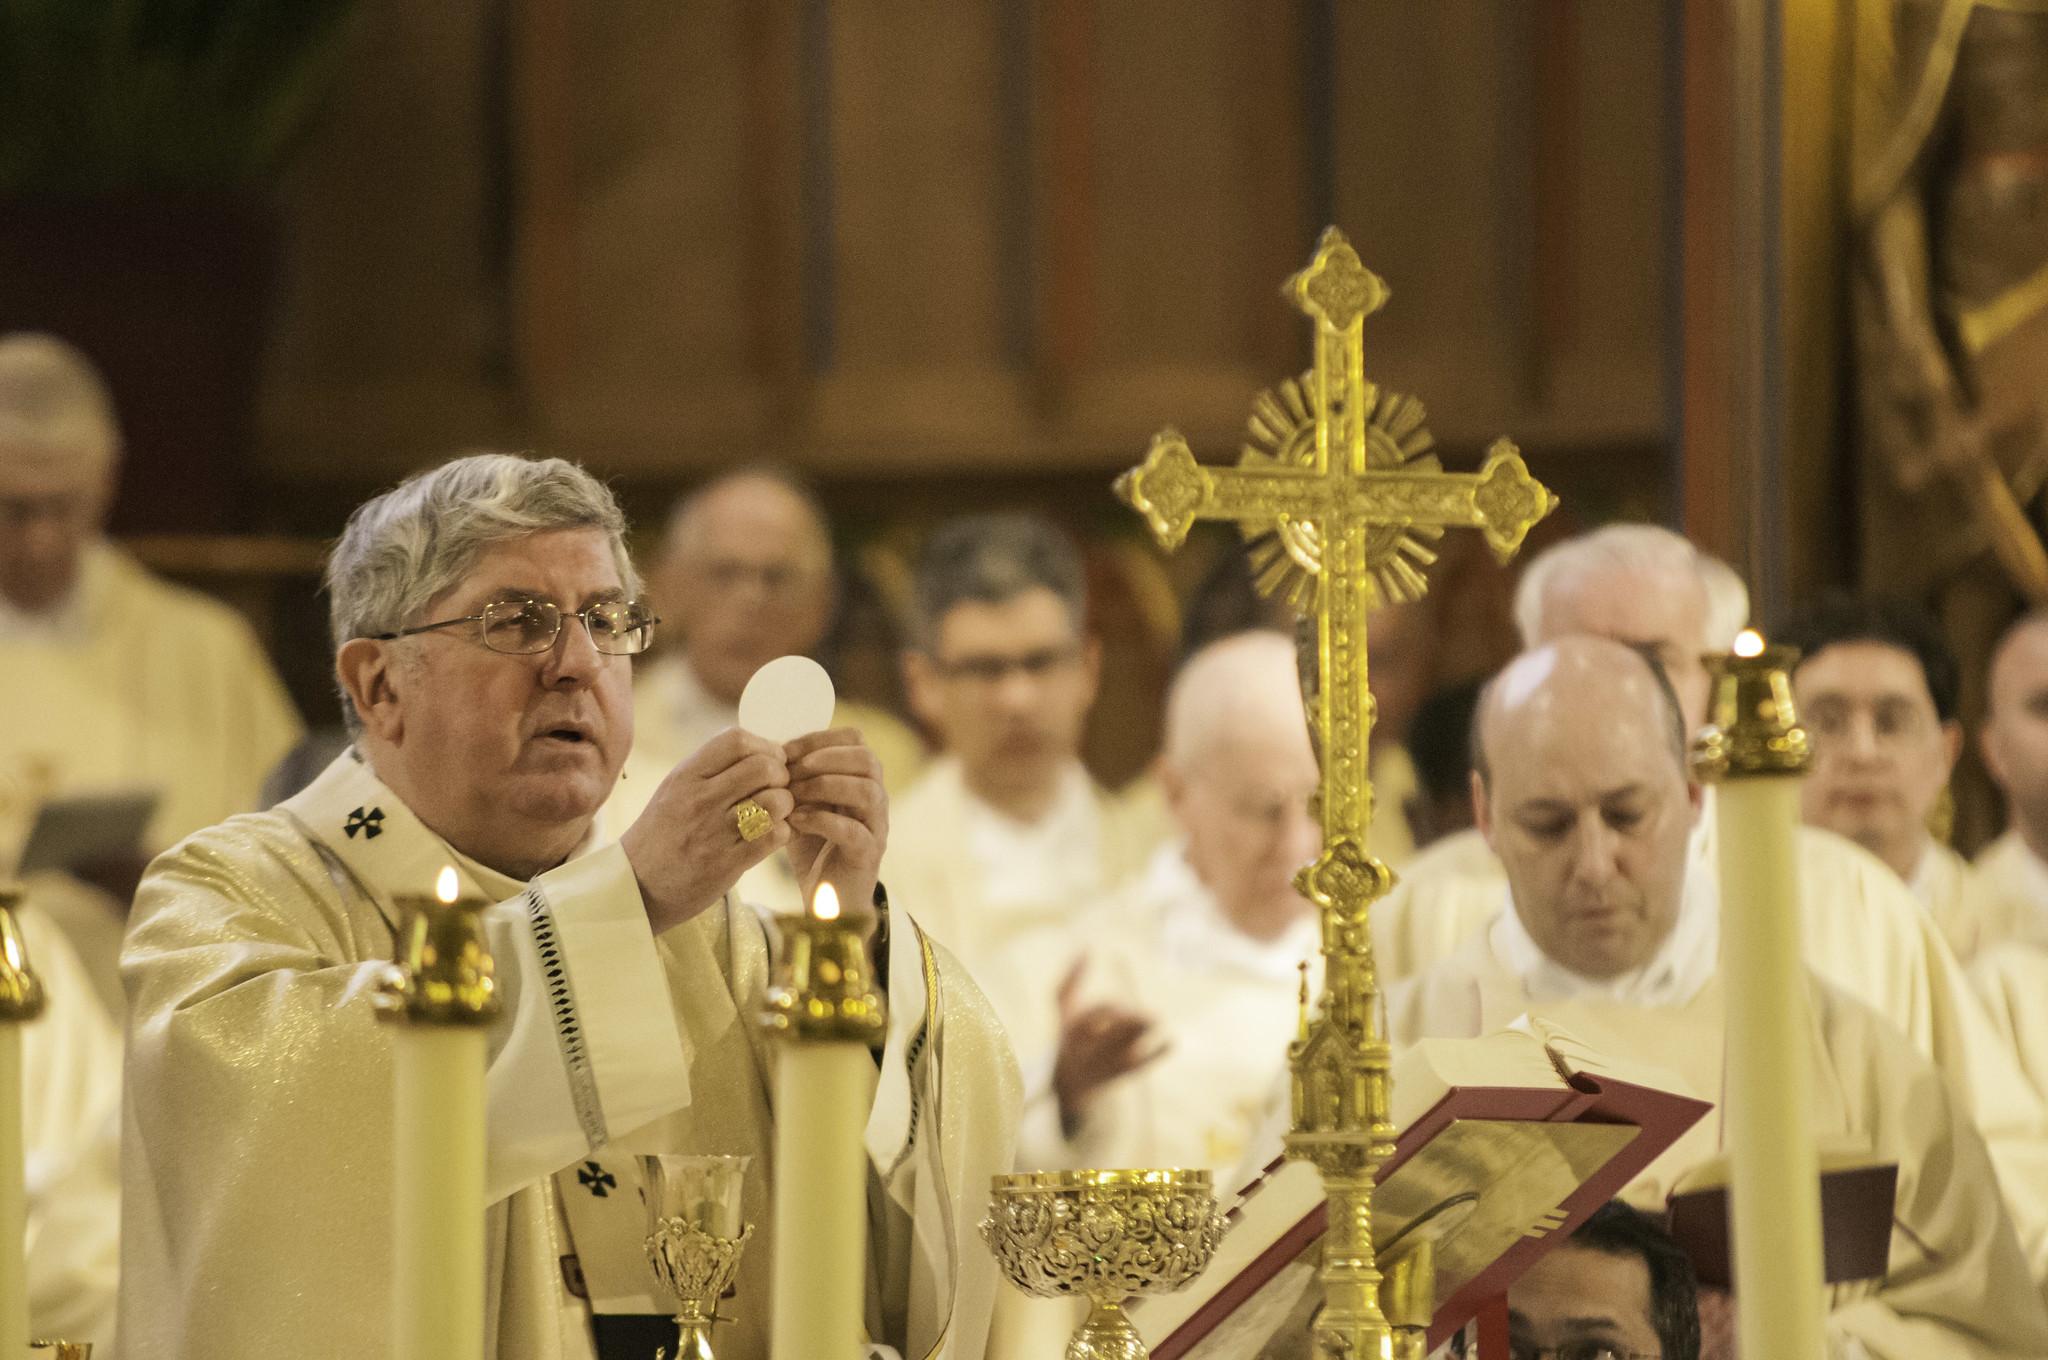 Que signifie le culte de l'Église pour un chrétien du 21e siècle